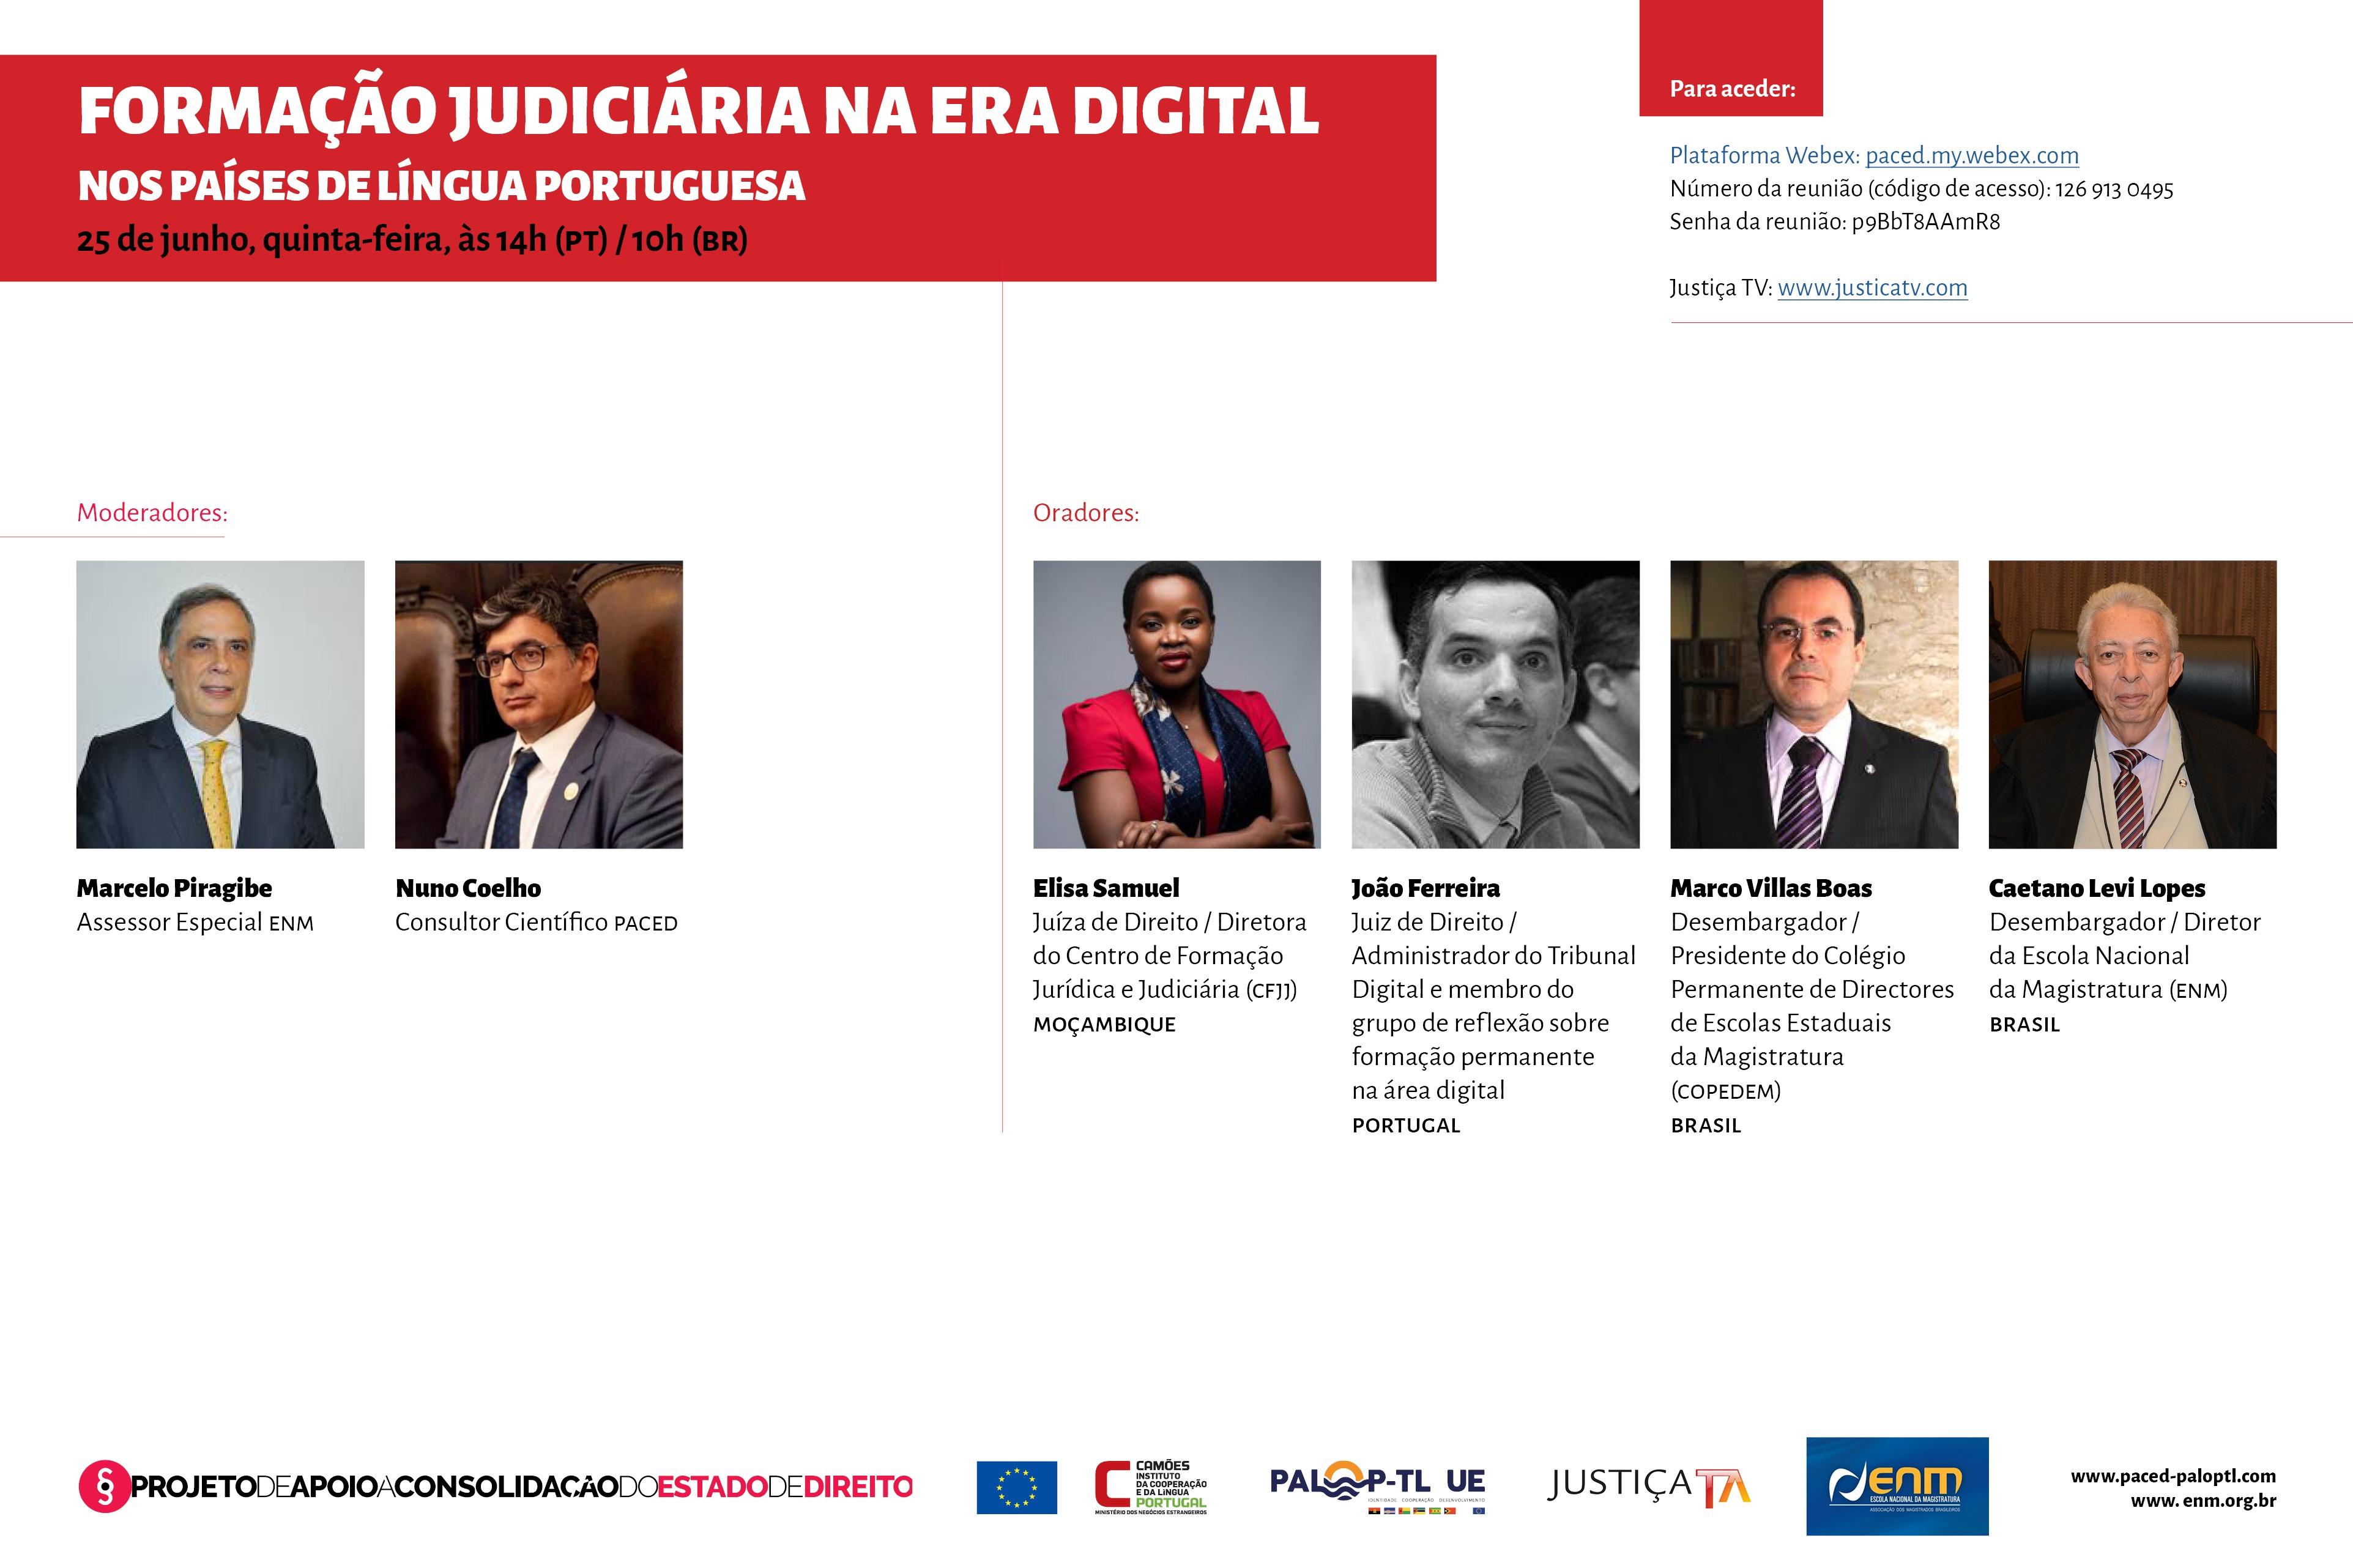 Ciclo de Conferências online: Formação Judiciária na era digital nos países de língua portuguesa